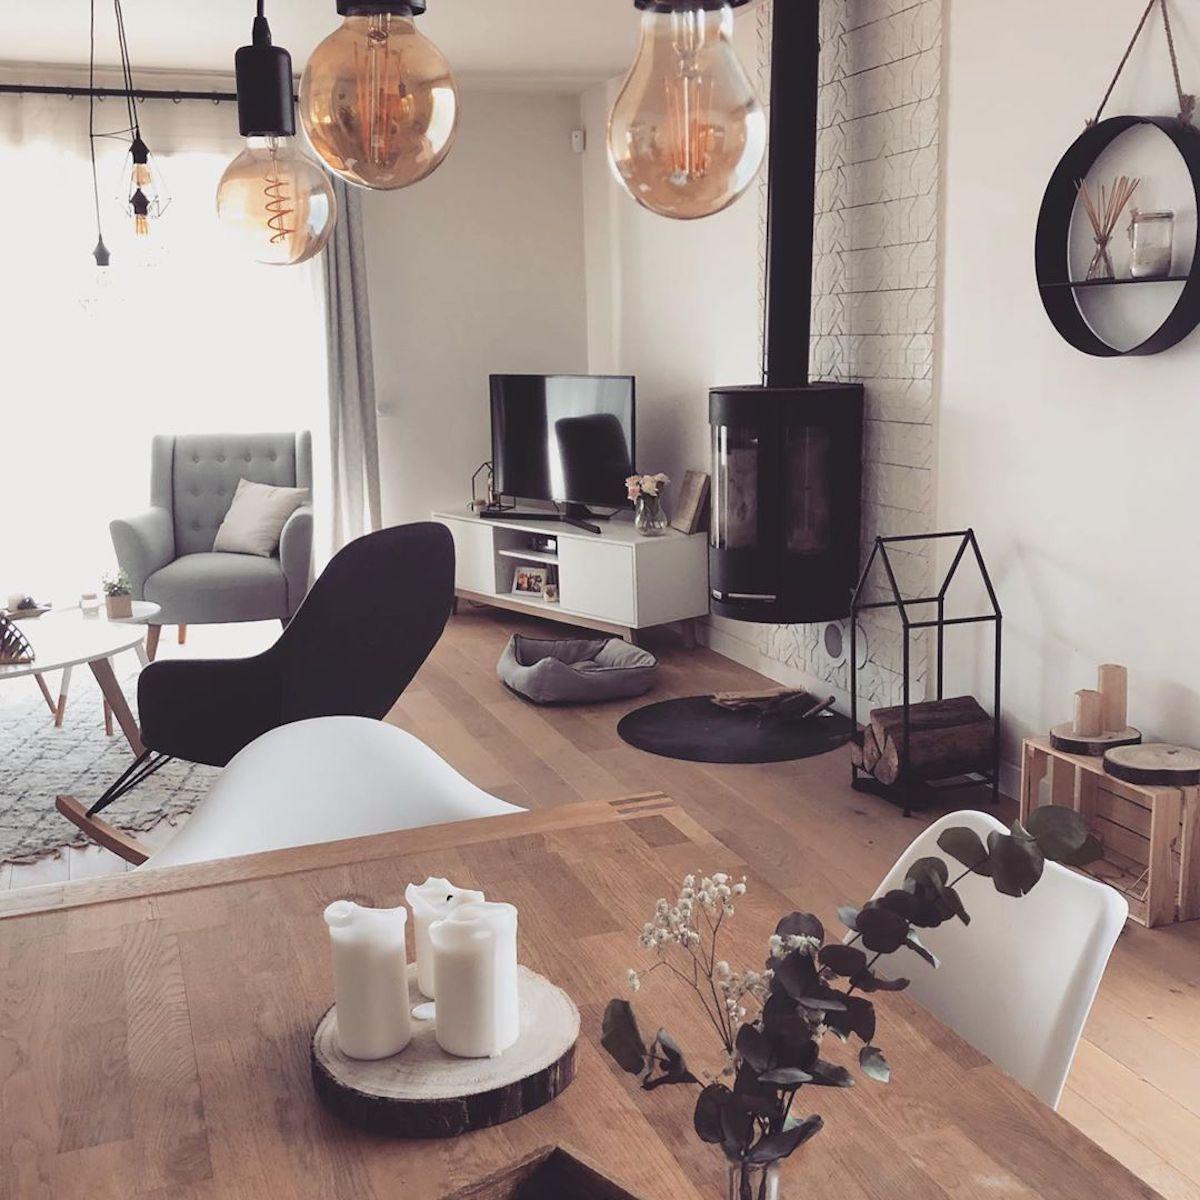 séjour fauteuil à bascule noir poêle cheminée - blog déco - clematc